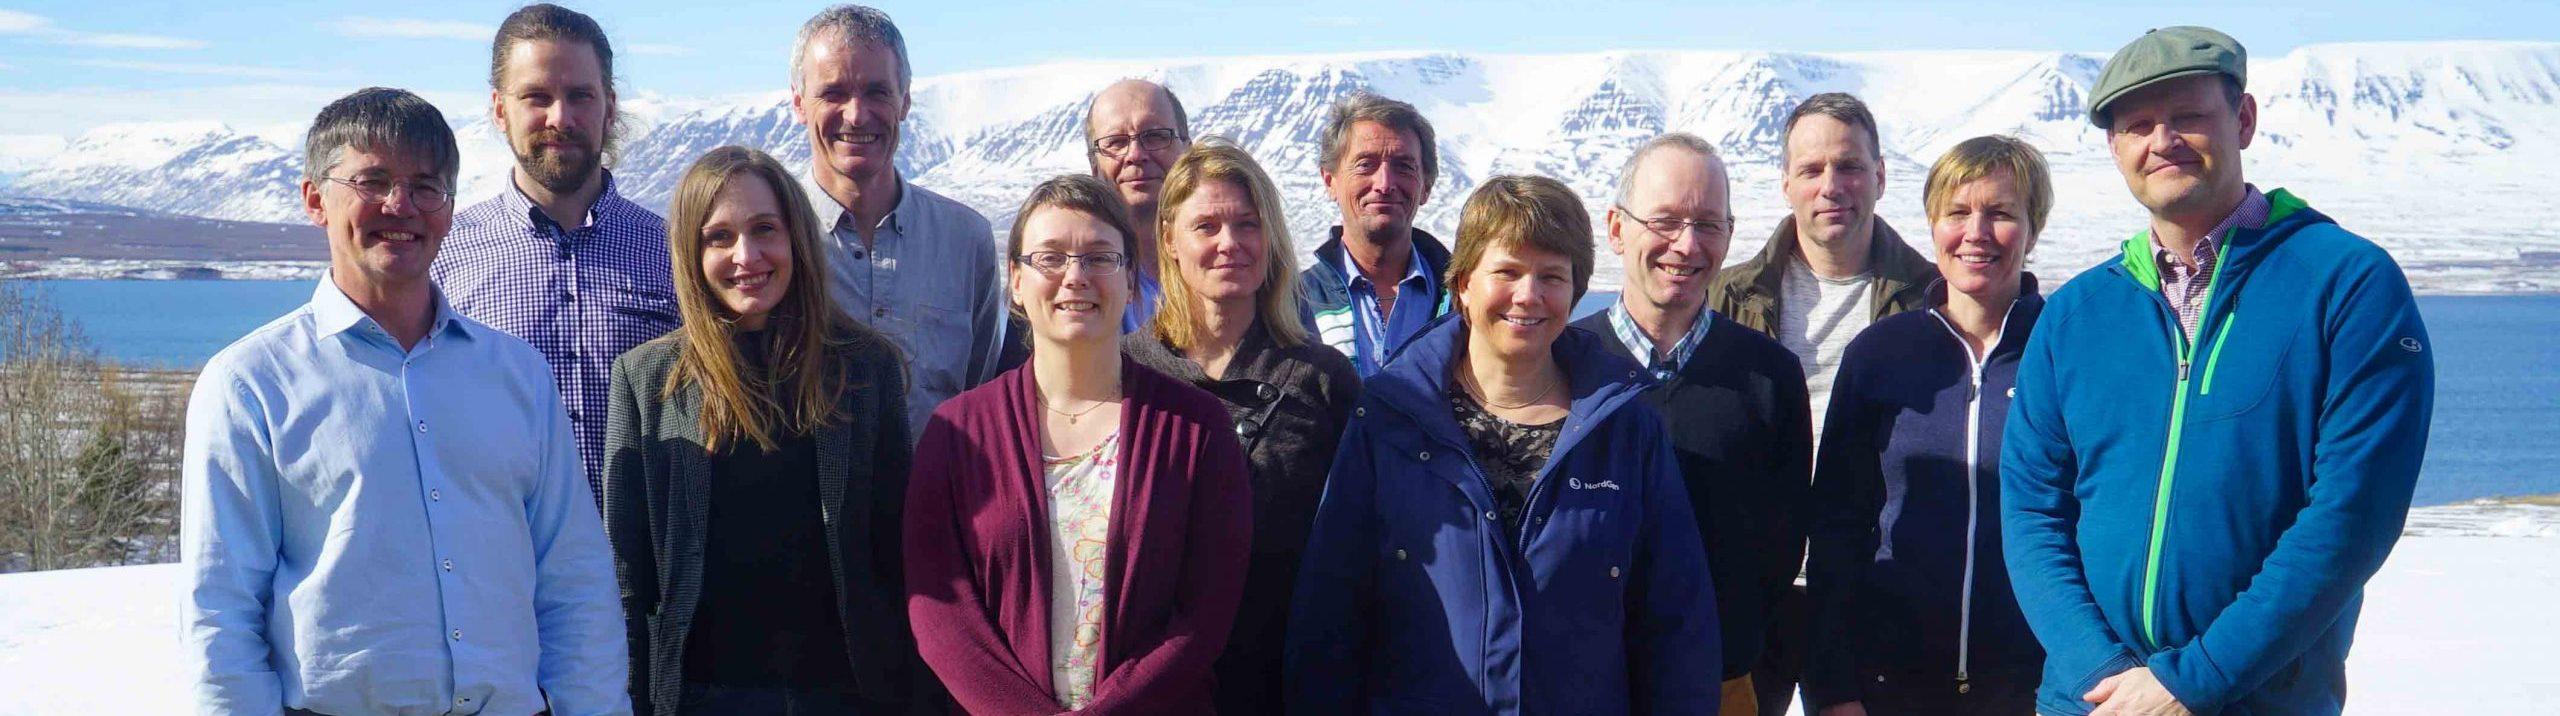 Medlemmarna i skogsrådet står framför en snötäckt bergskedja.